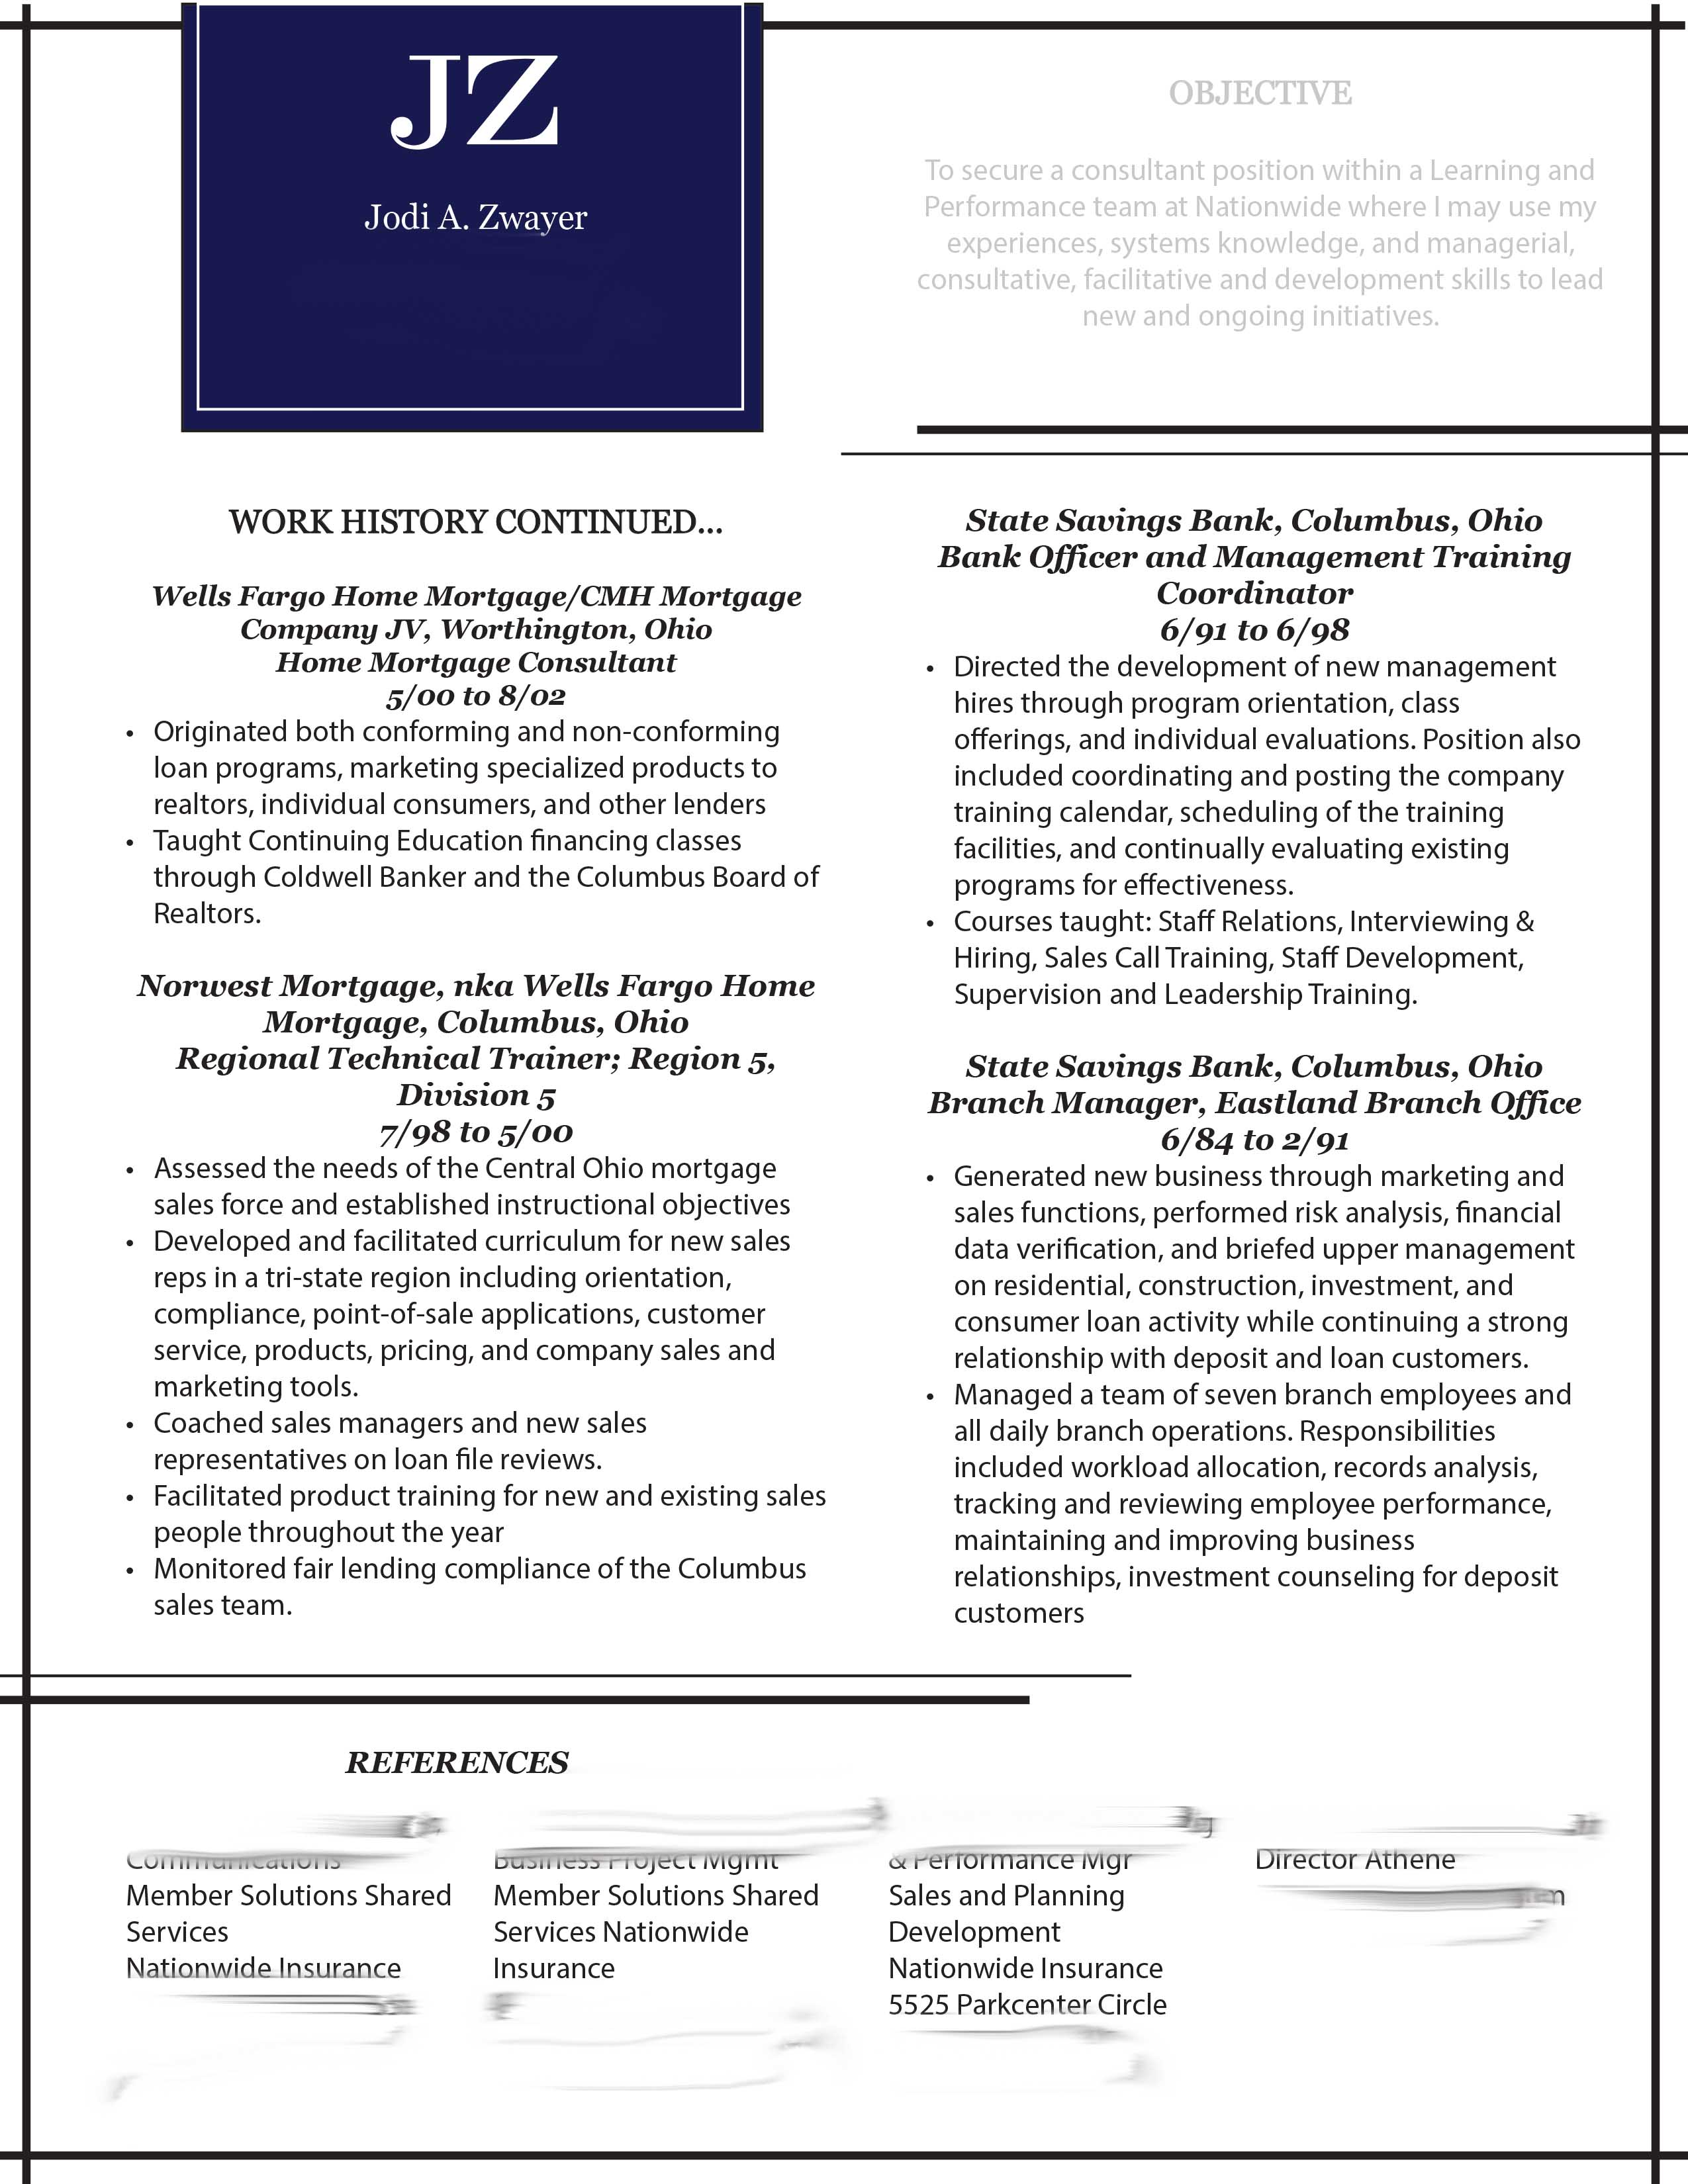 Unusual Resume Companies Columbus Ohio Ideas - Example Resume ...